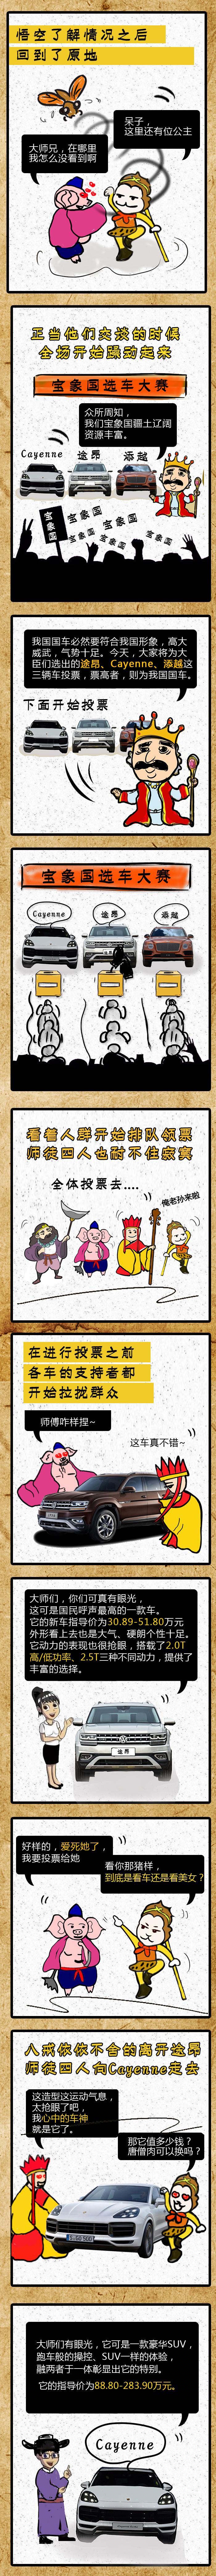 大话西游之第四回:宝象选国车 意马忆心猿 - 周磊 - 周磊